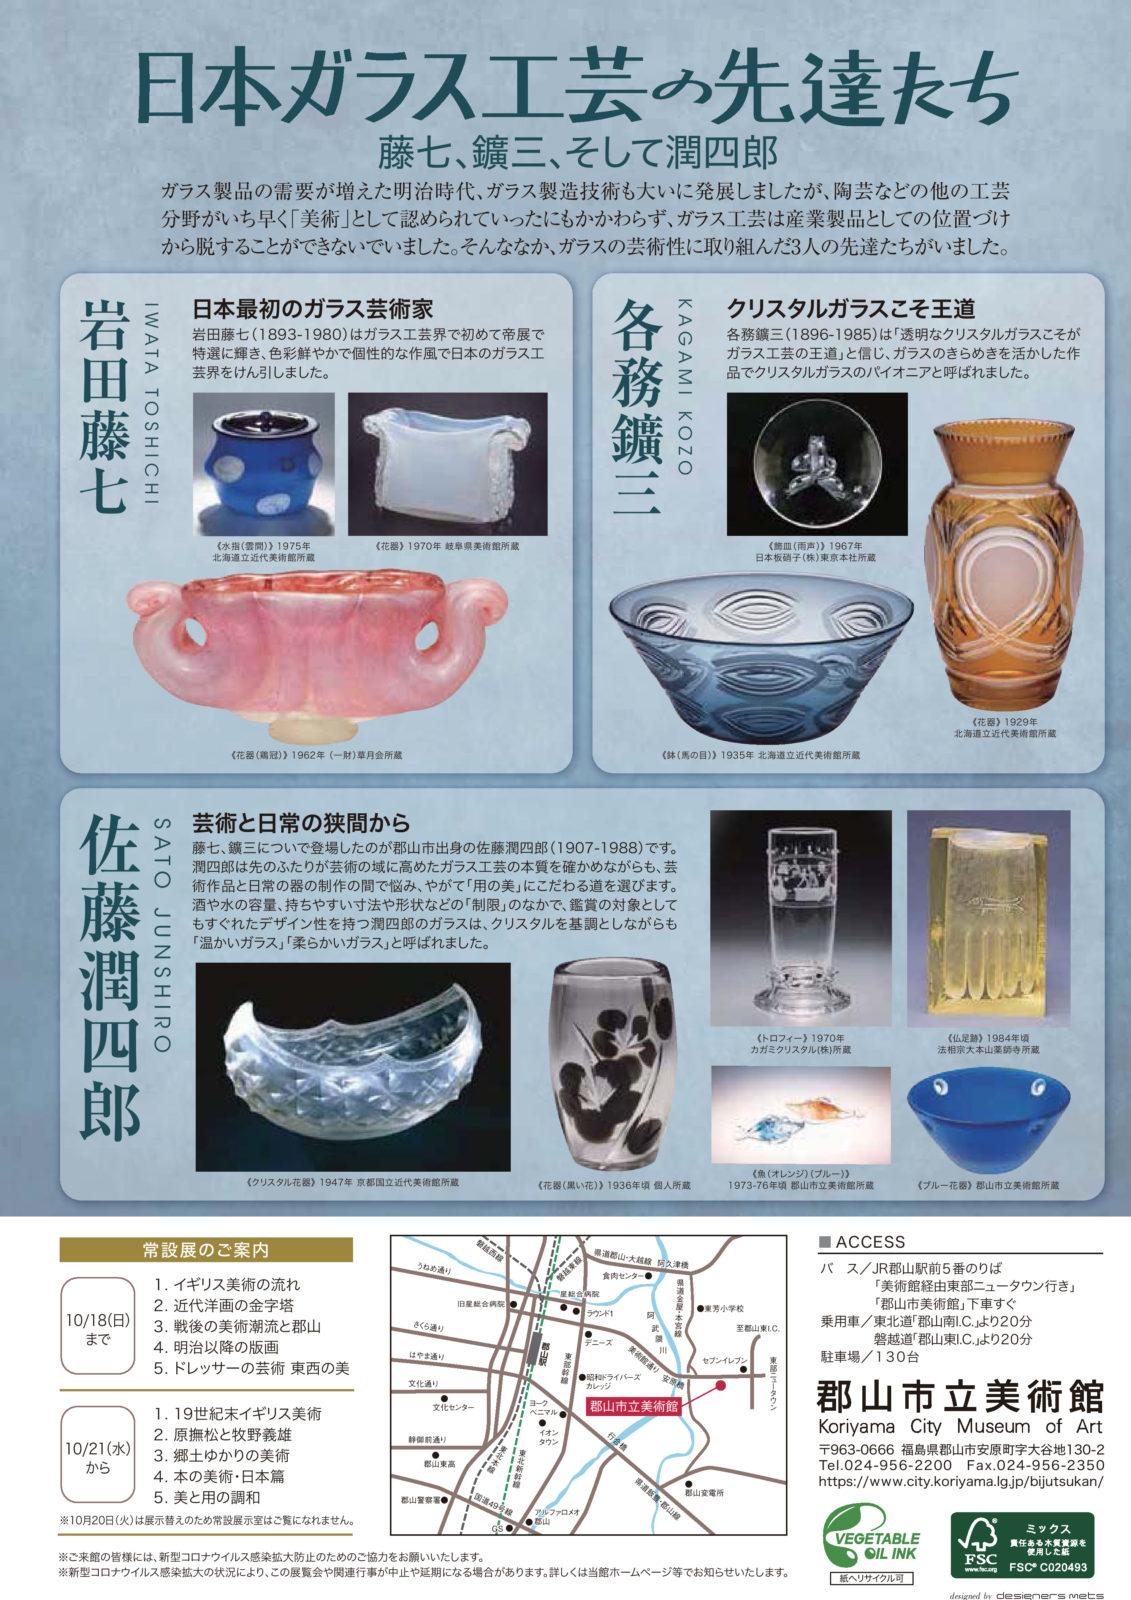 郡山市立博物館 「「日本ガラス工芸の先達たち―藤七・鑛三 そして潤四郎」